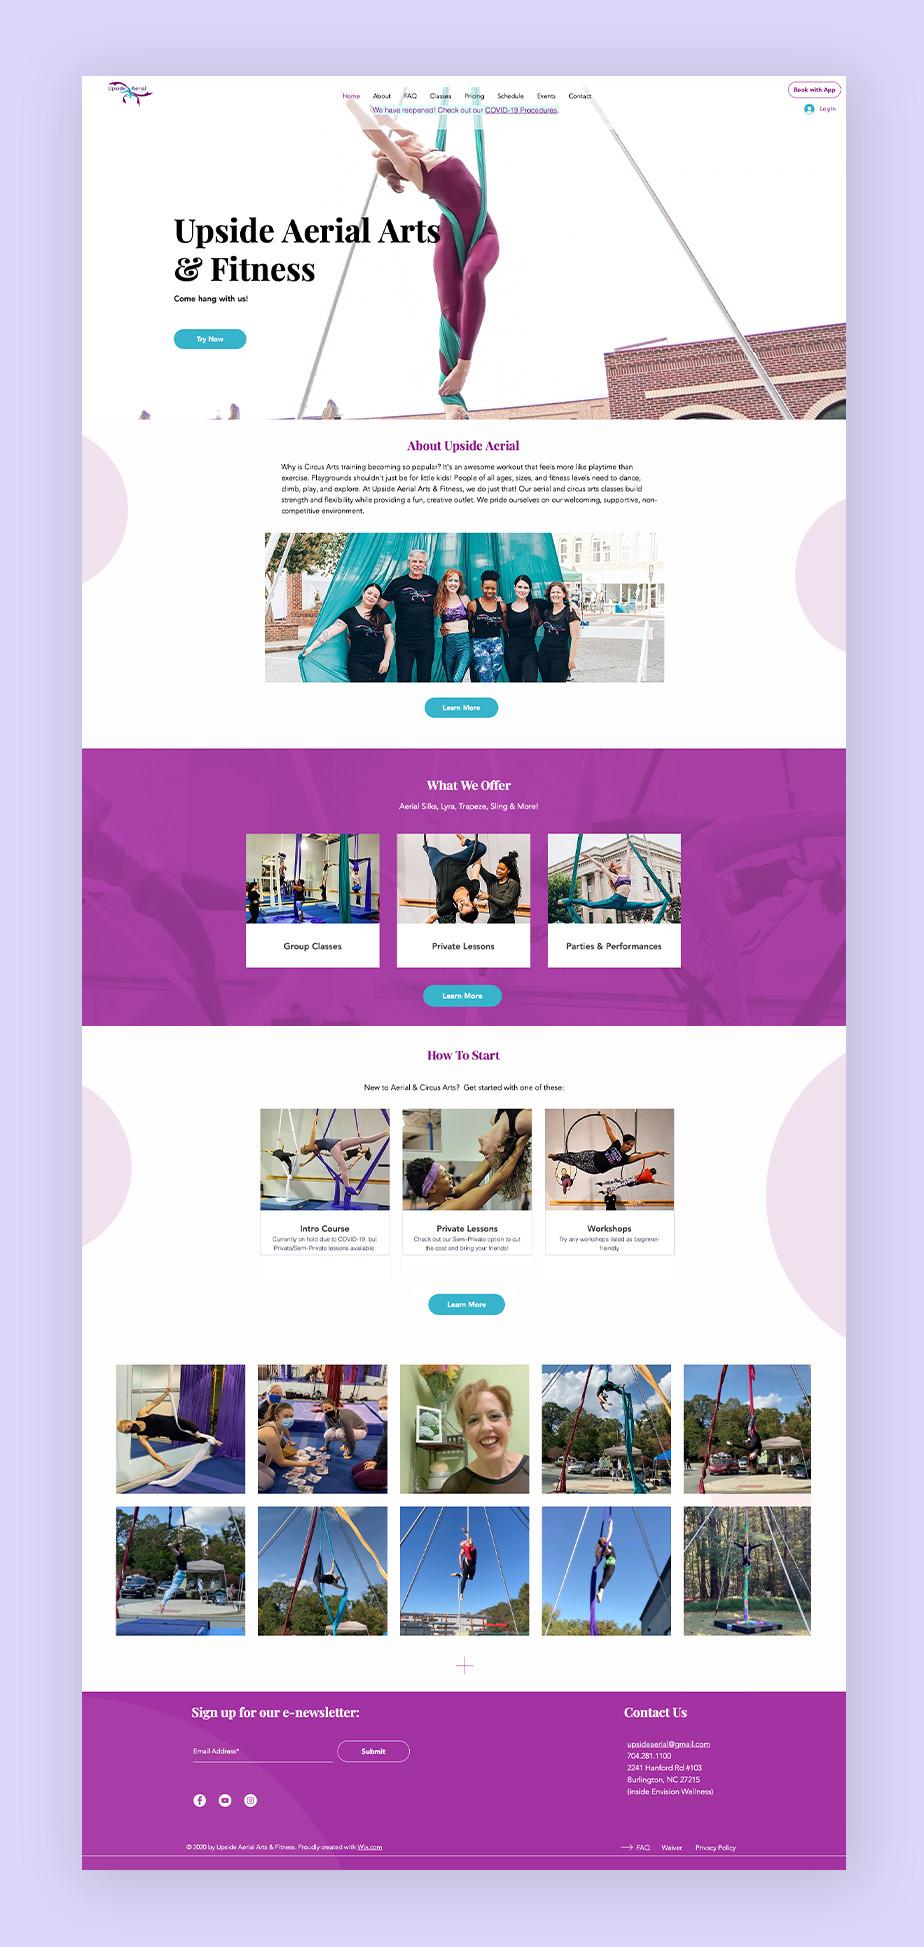 Website von Upside Aerial Arts & Fitness als Beispiel für eine Buchungswebsite